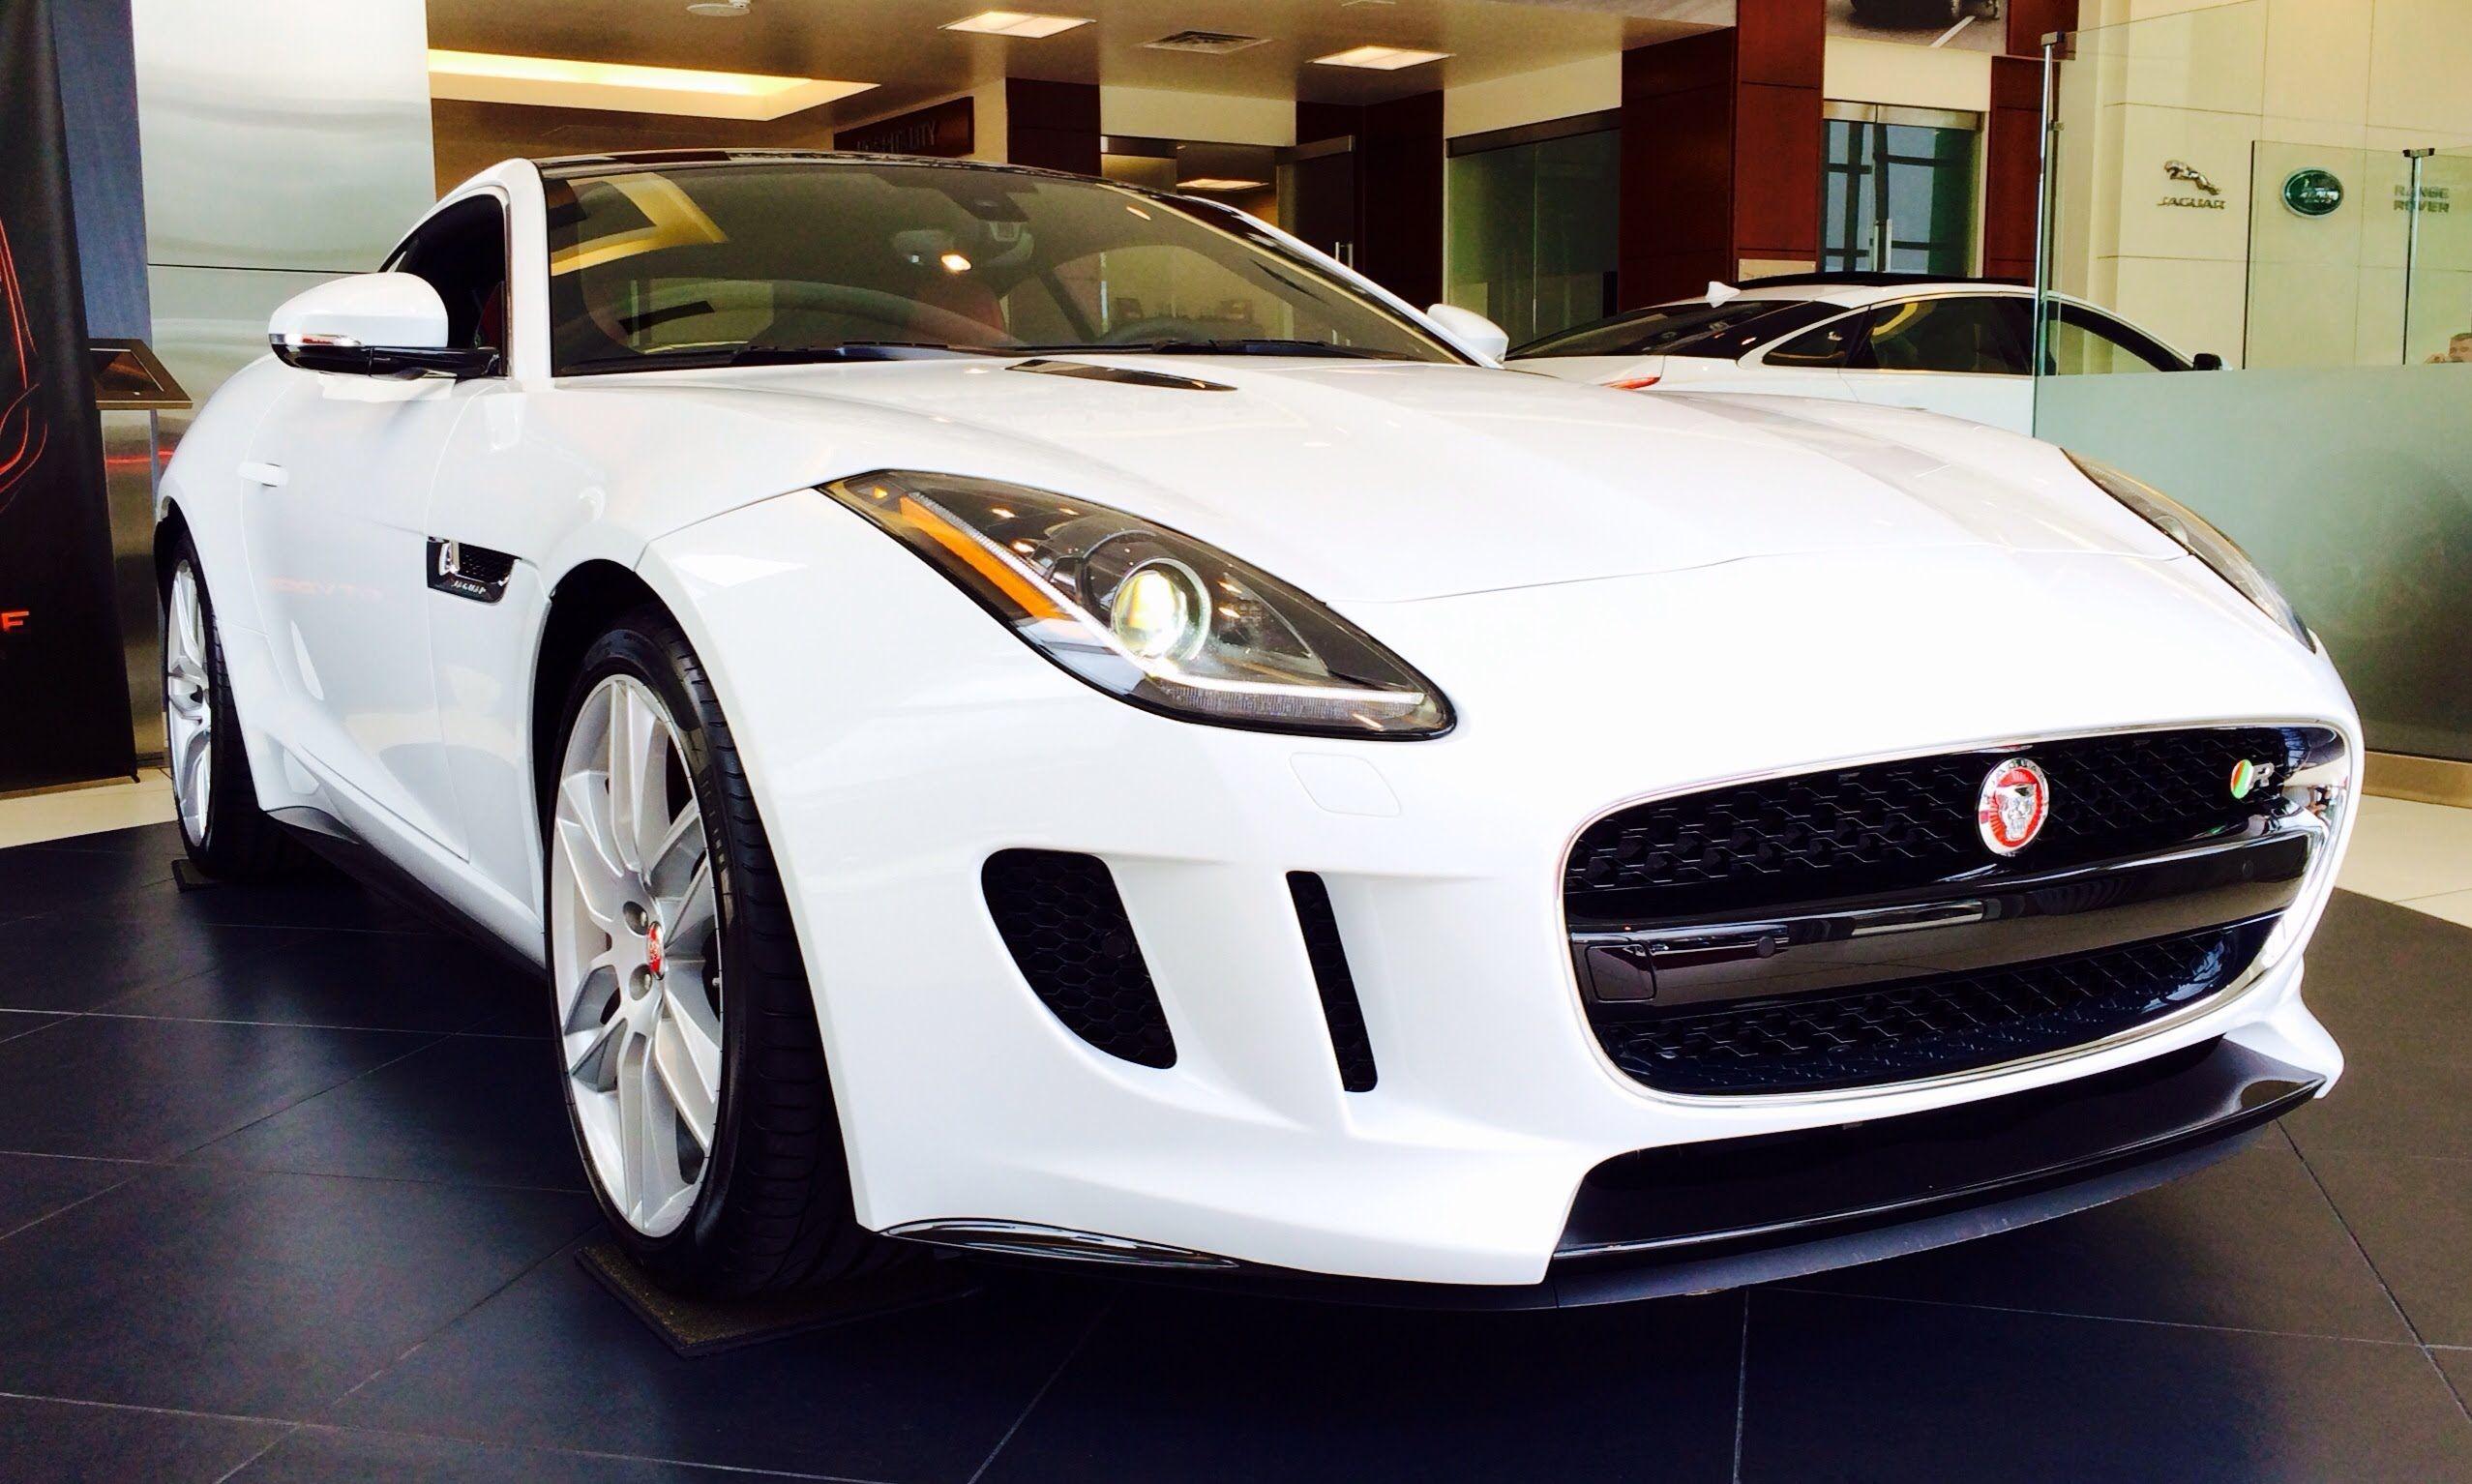 svr jaguar en side f type of back price se